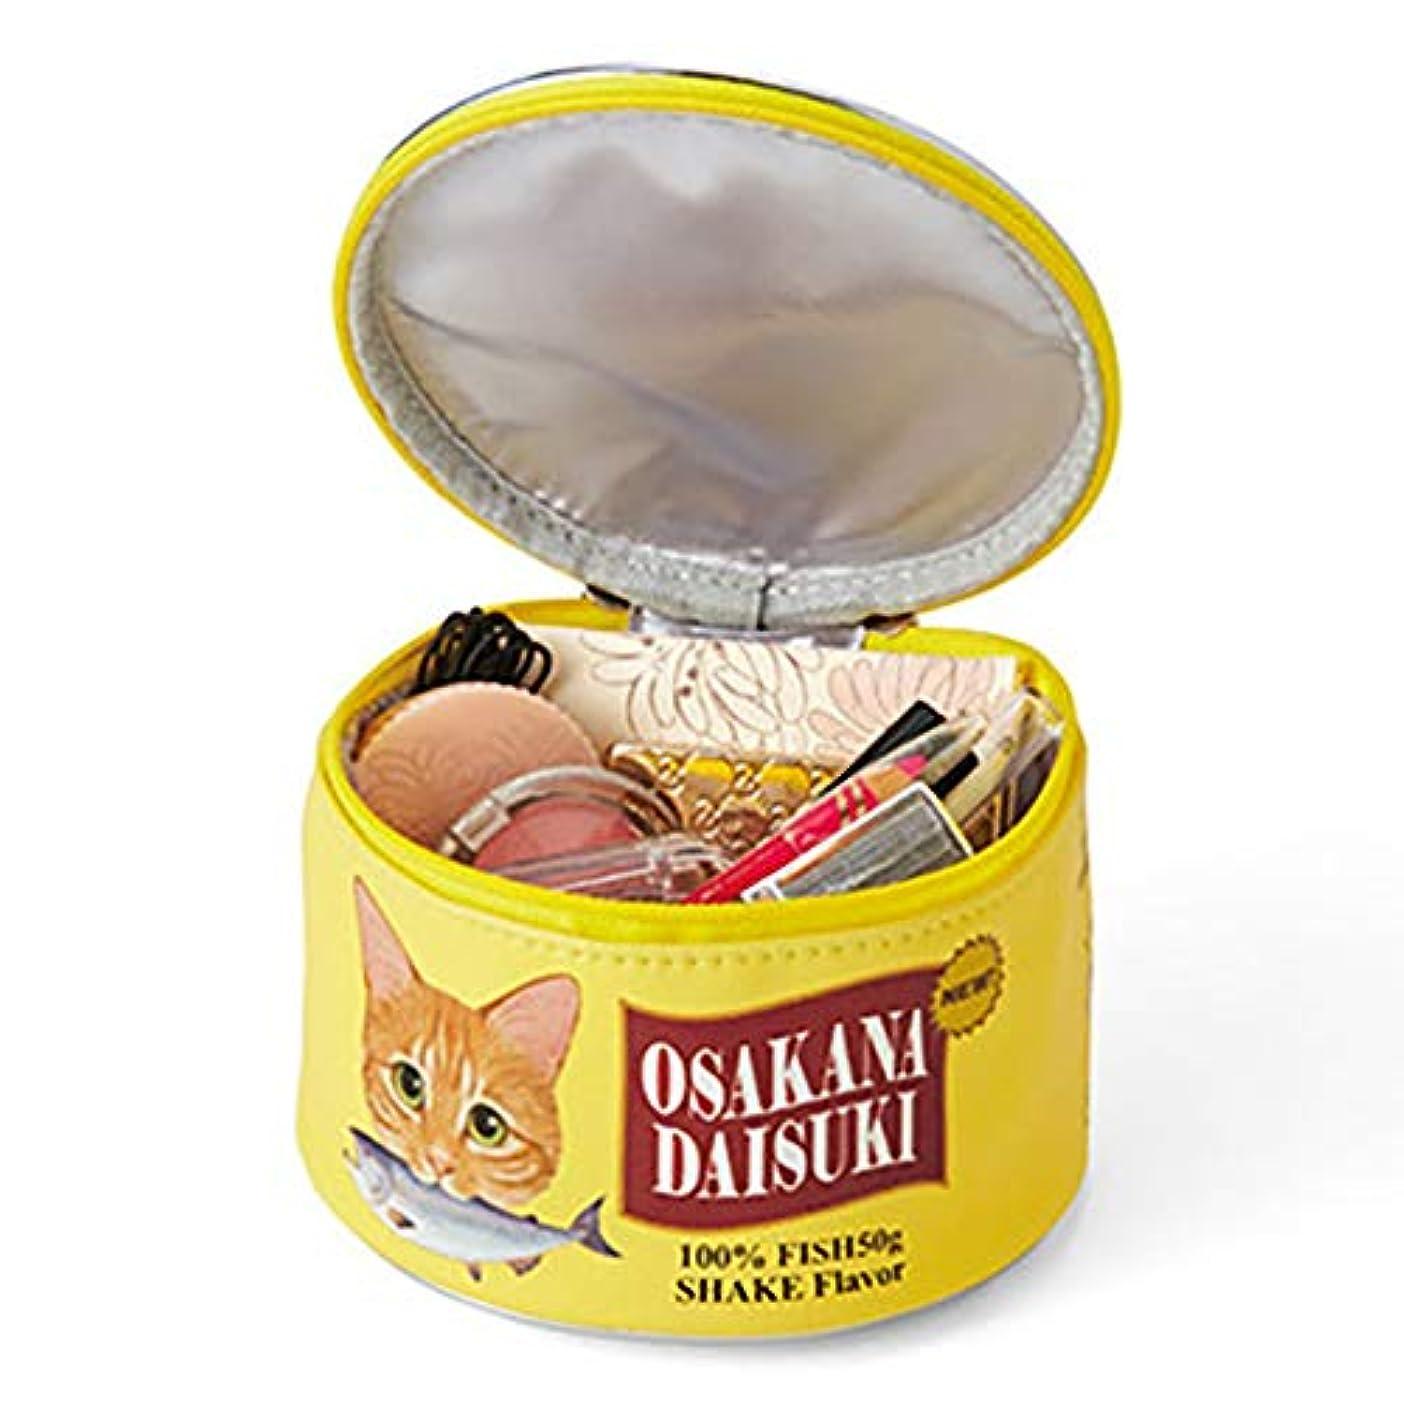 ワーディアンケース収入ニコチンYIGO 化粧ポーチ 猫 ねこ 魚の缶詰 設計 可愛い メイクポーチ バッグ 化粧バッグ 財布 大容量 化粧品収納 小物入れ おしゃれ イエロー